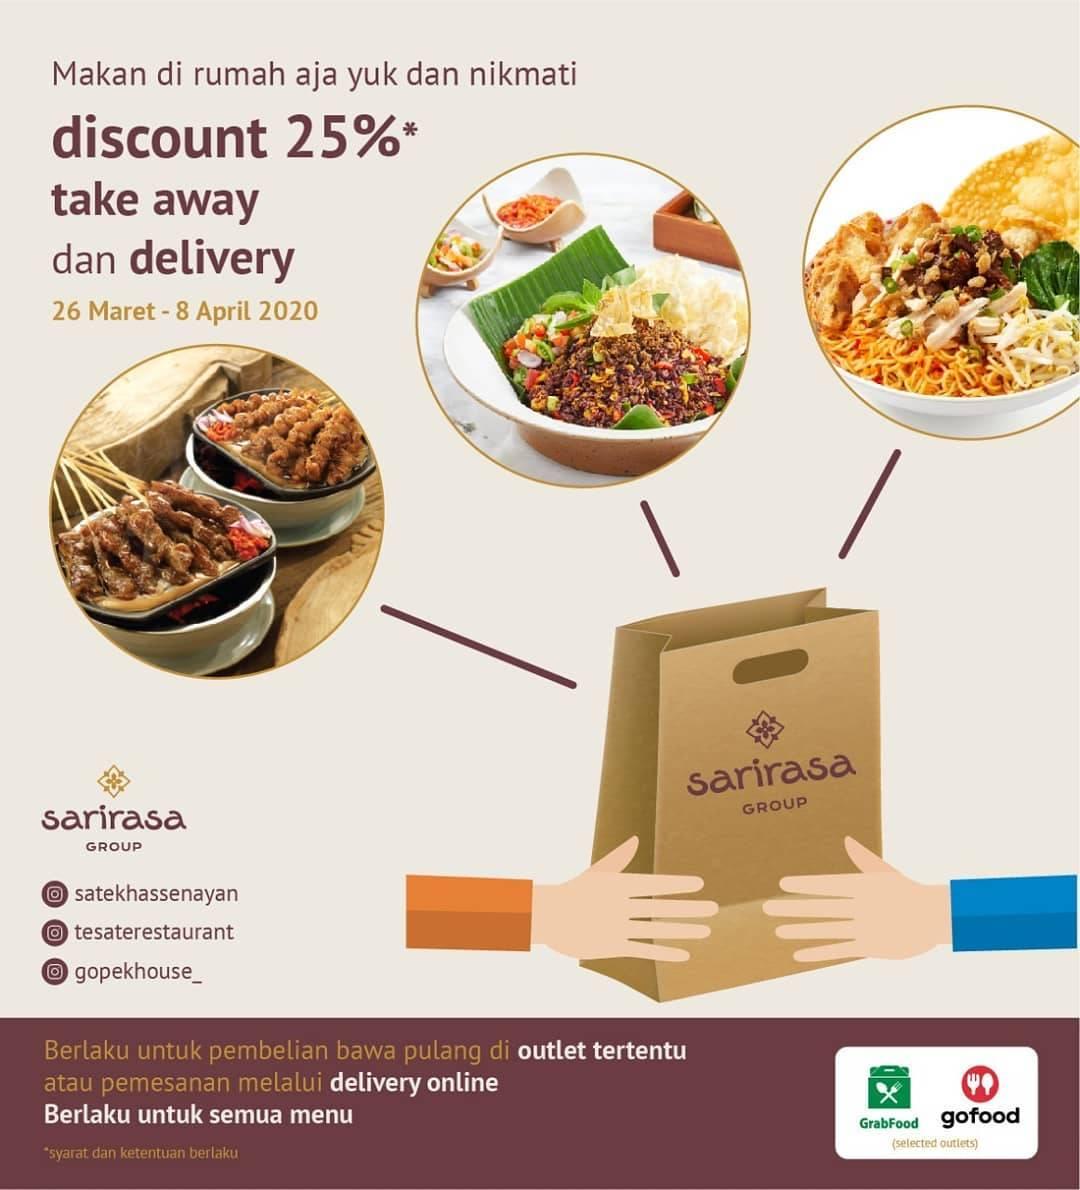 Sari Rasa Group Promo Diskon 25% Untuk Semua Menu Pemesanan Melalui GoFood & GrabFood